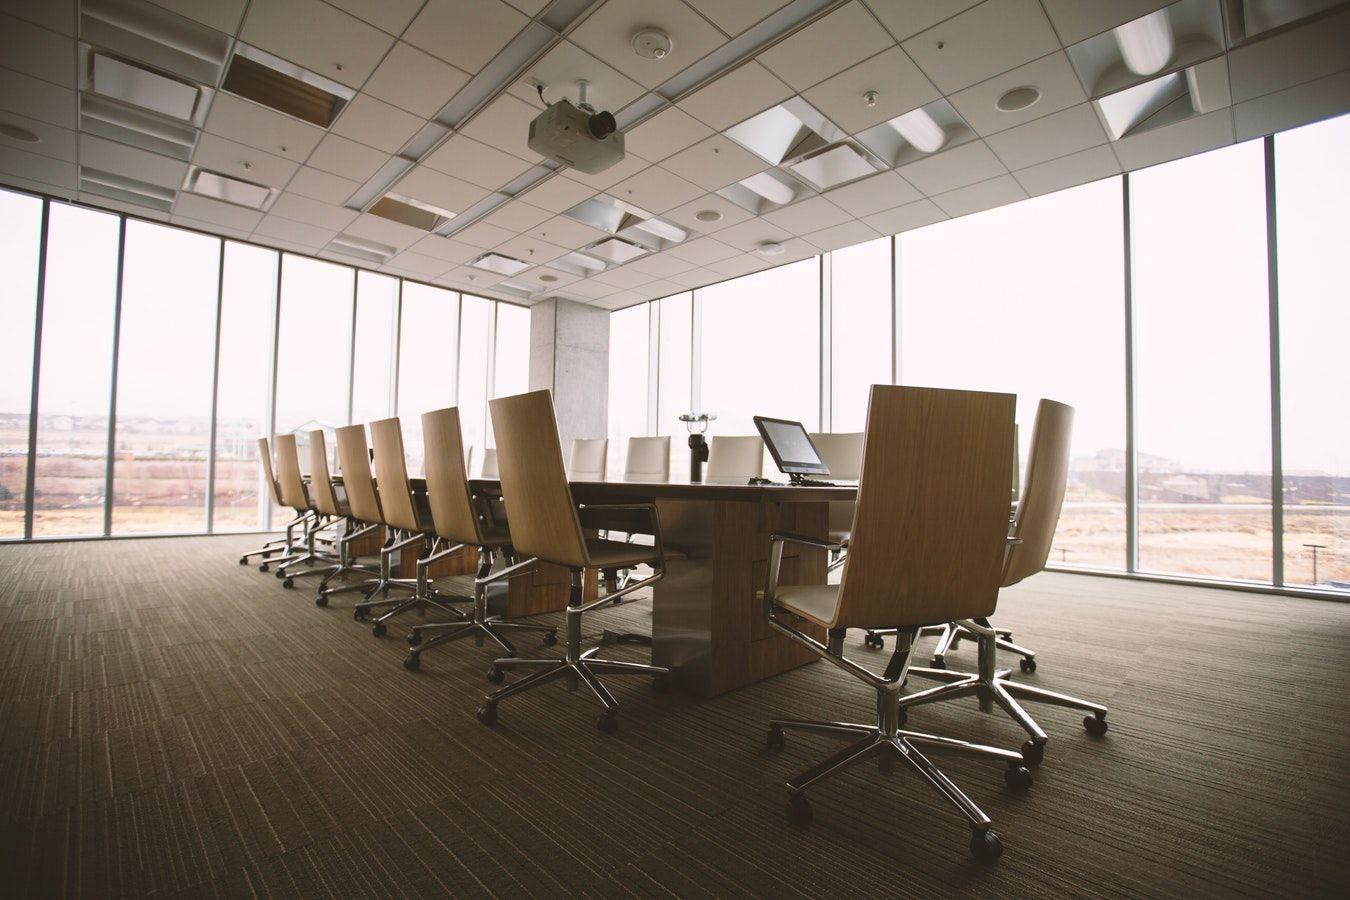 Foto de Sala de reuniones de una empresa.